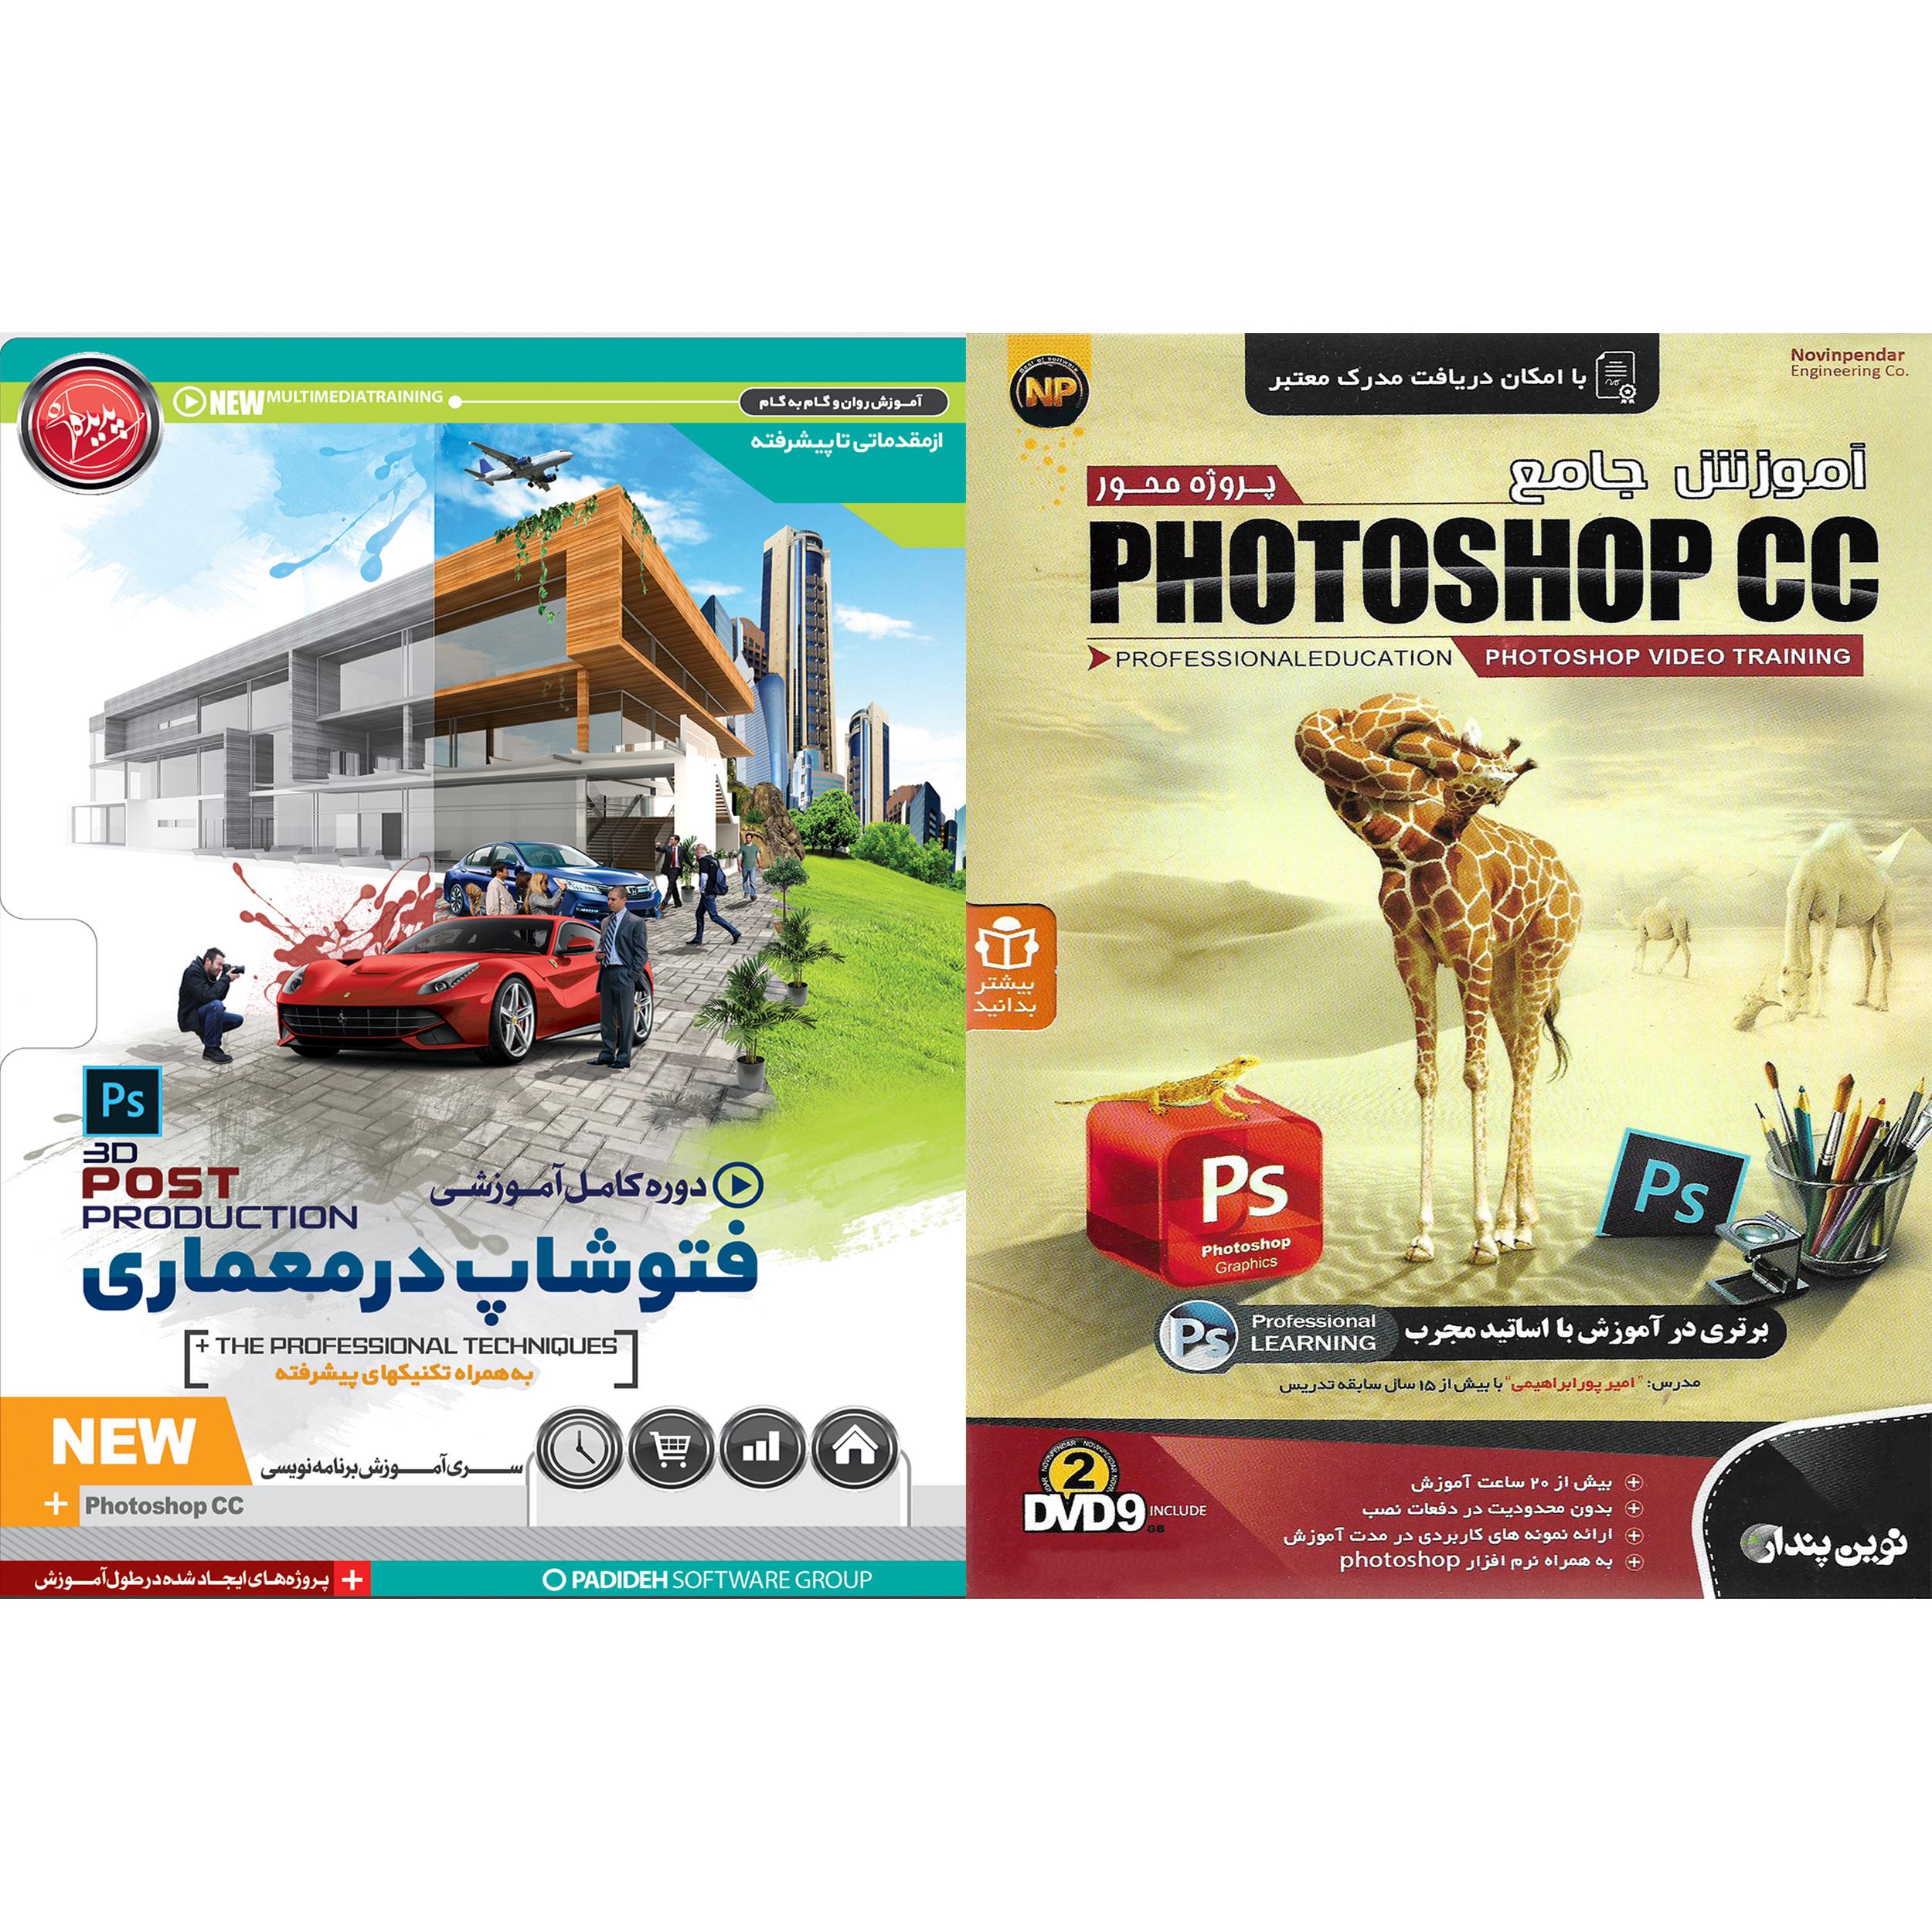 نرم افزار آموزش پروژه محور PHOTOSHOP CC نشر نوین پندار به همراه نرم افزار آموزش فتوشاپ در معماری POST PRODUCTION نشر پدیده